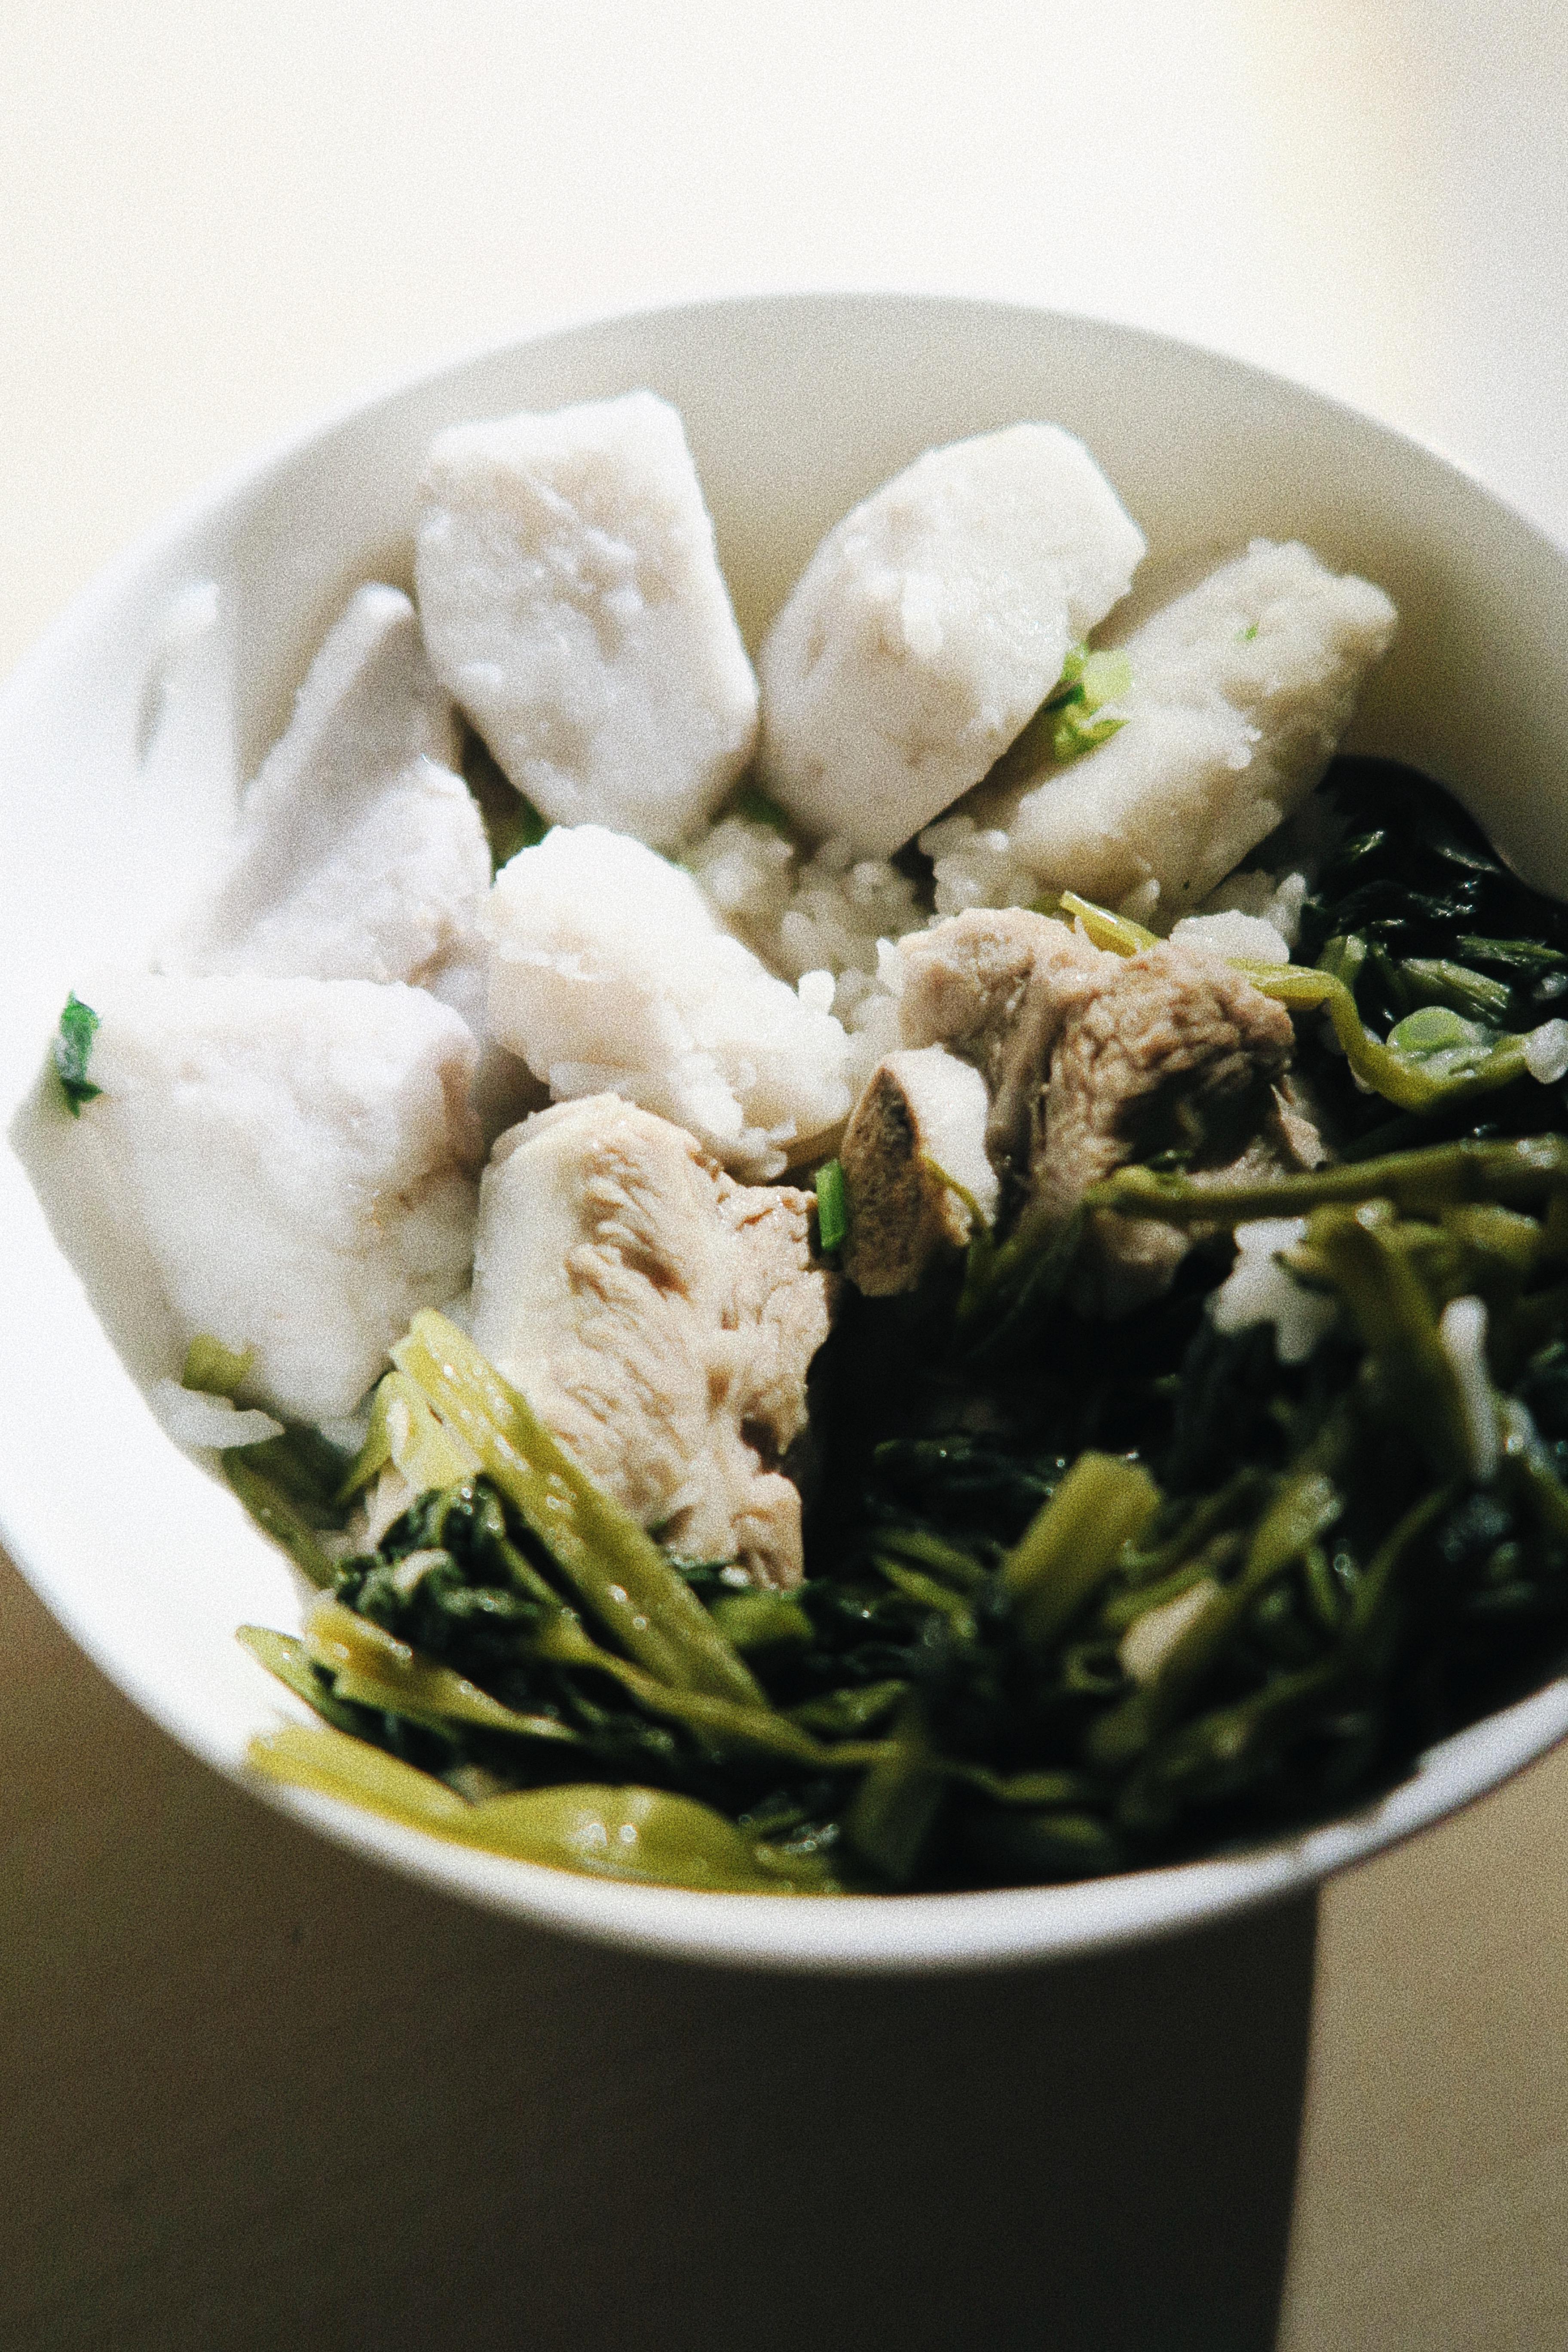 Vietnamese Nấu Canh Sườn Khoai Tây